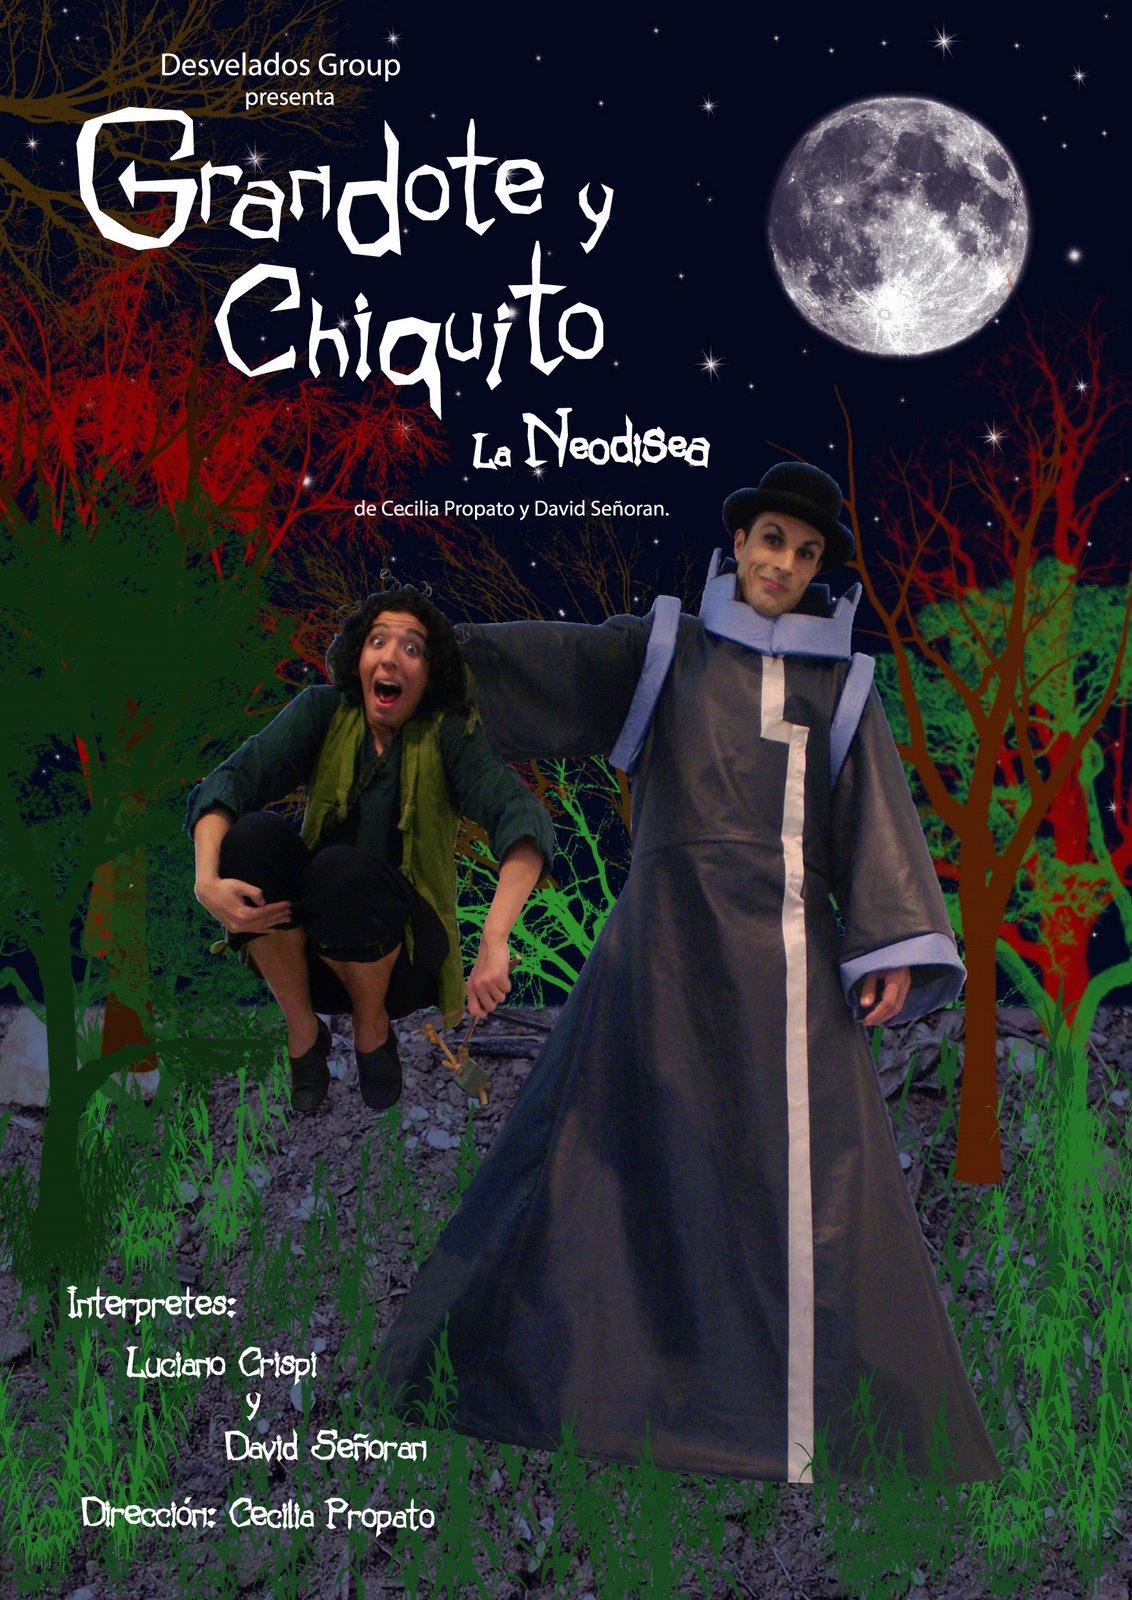 Grandote y Chiquito, La Neodisea.